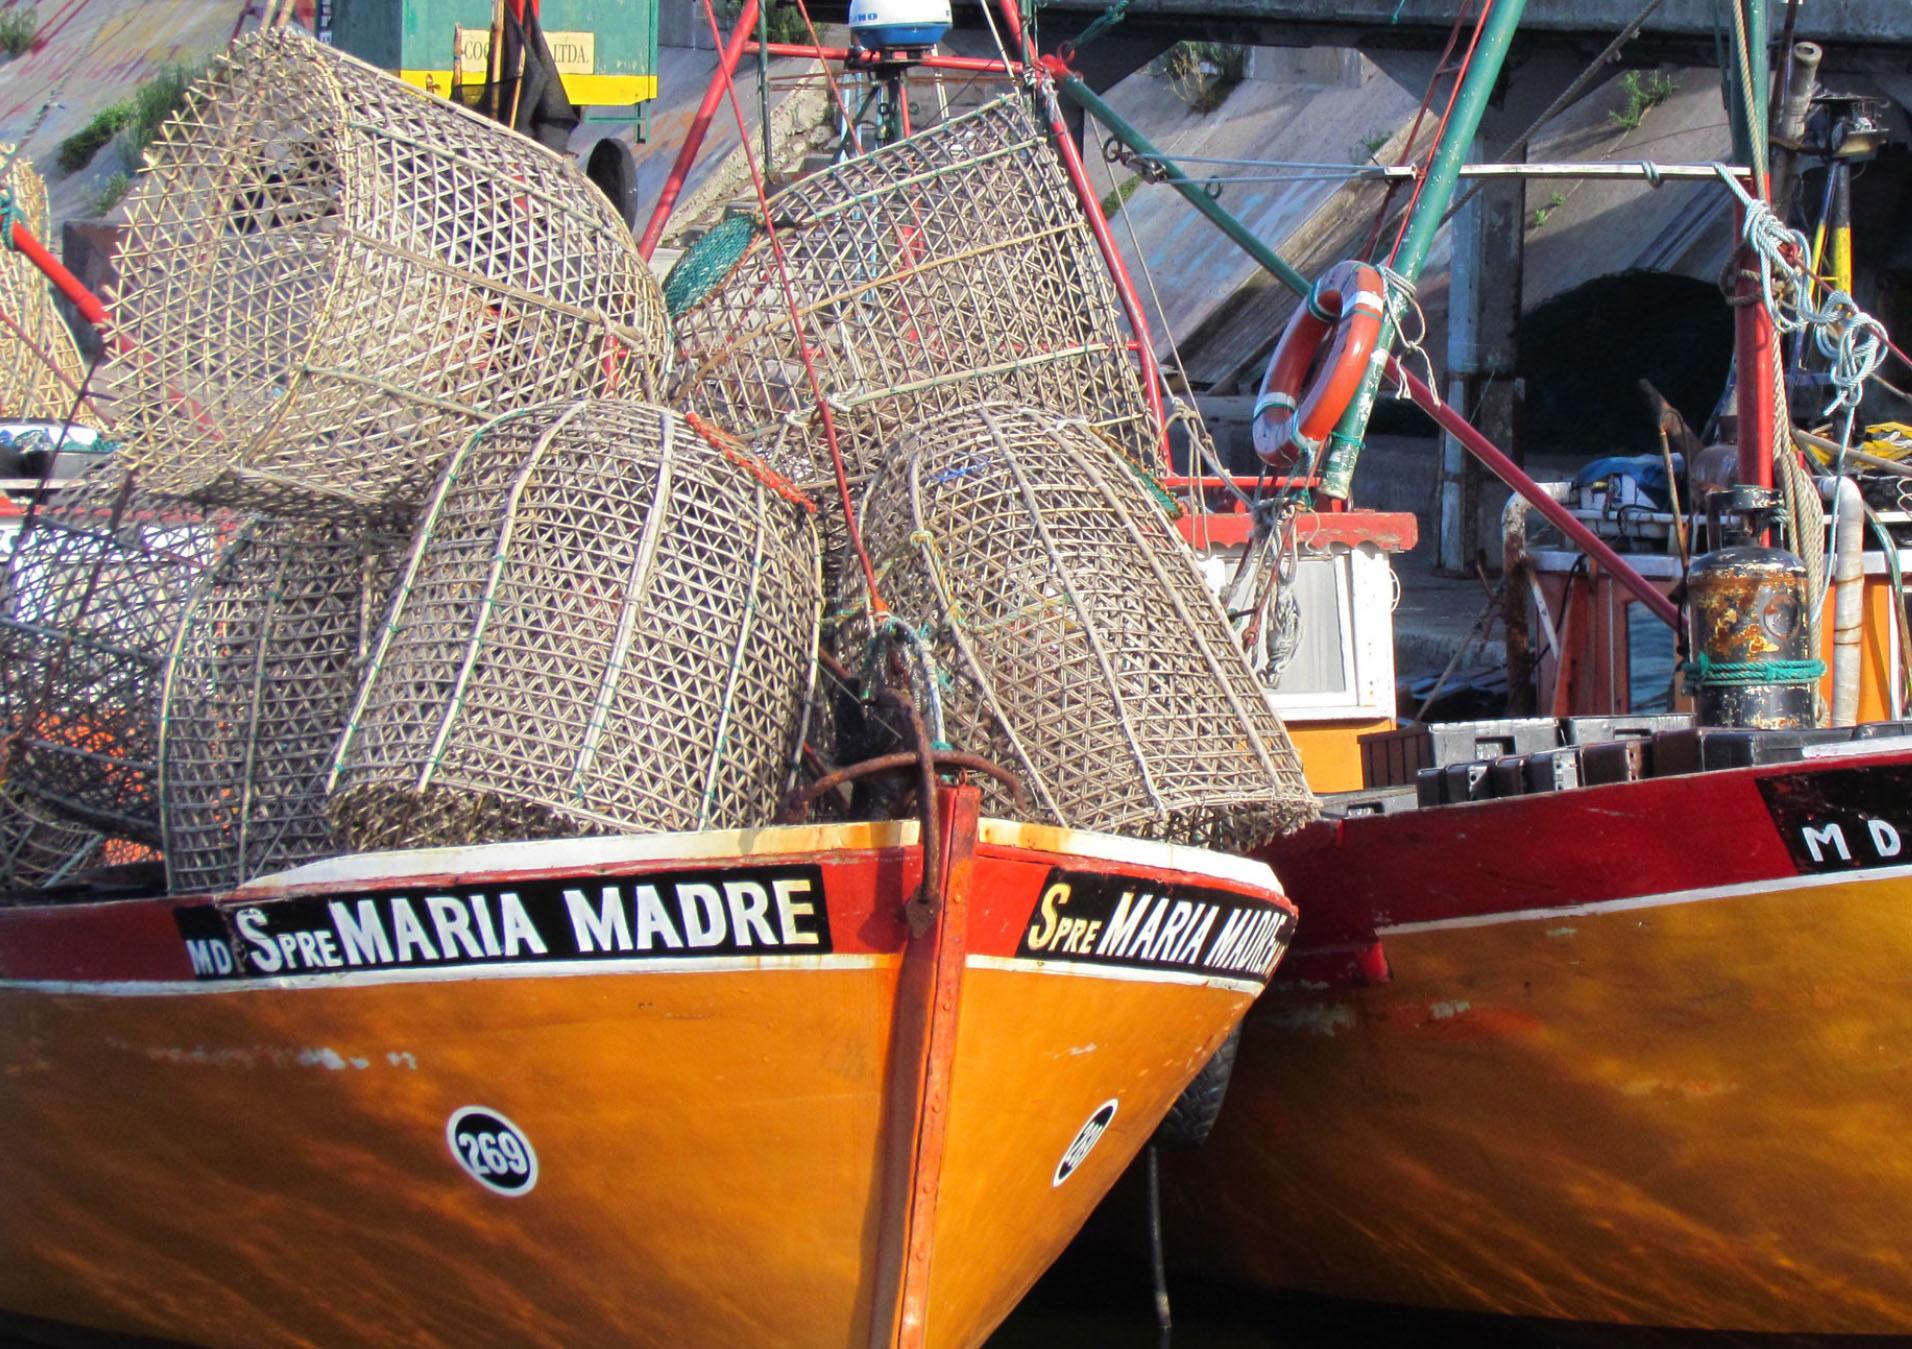 """Mar del Plata fue uno de los primeros destinos turísticos elegidos por los argentinos para veranear. Y ahora llega un nuevo proyecto para que """"La Feliz"""" sea un un punto de turismo los 12 meses del año. El puerto dejará de ser un paseo de enero y febrero para comer en sus restaurantes o ver lobos marinos. Eso quedará en el pasado para transformar el puerto en un lugar de interés tanto para turistas como para ciudadanos locales"""